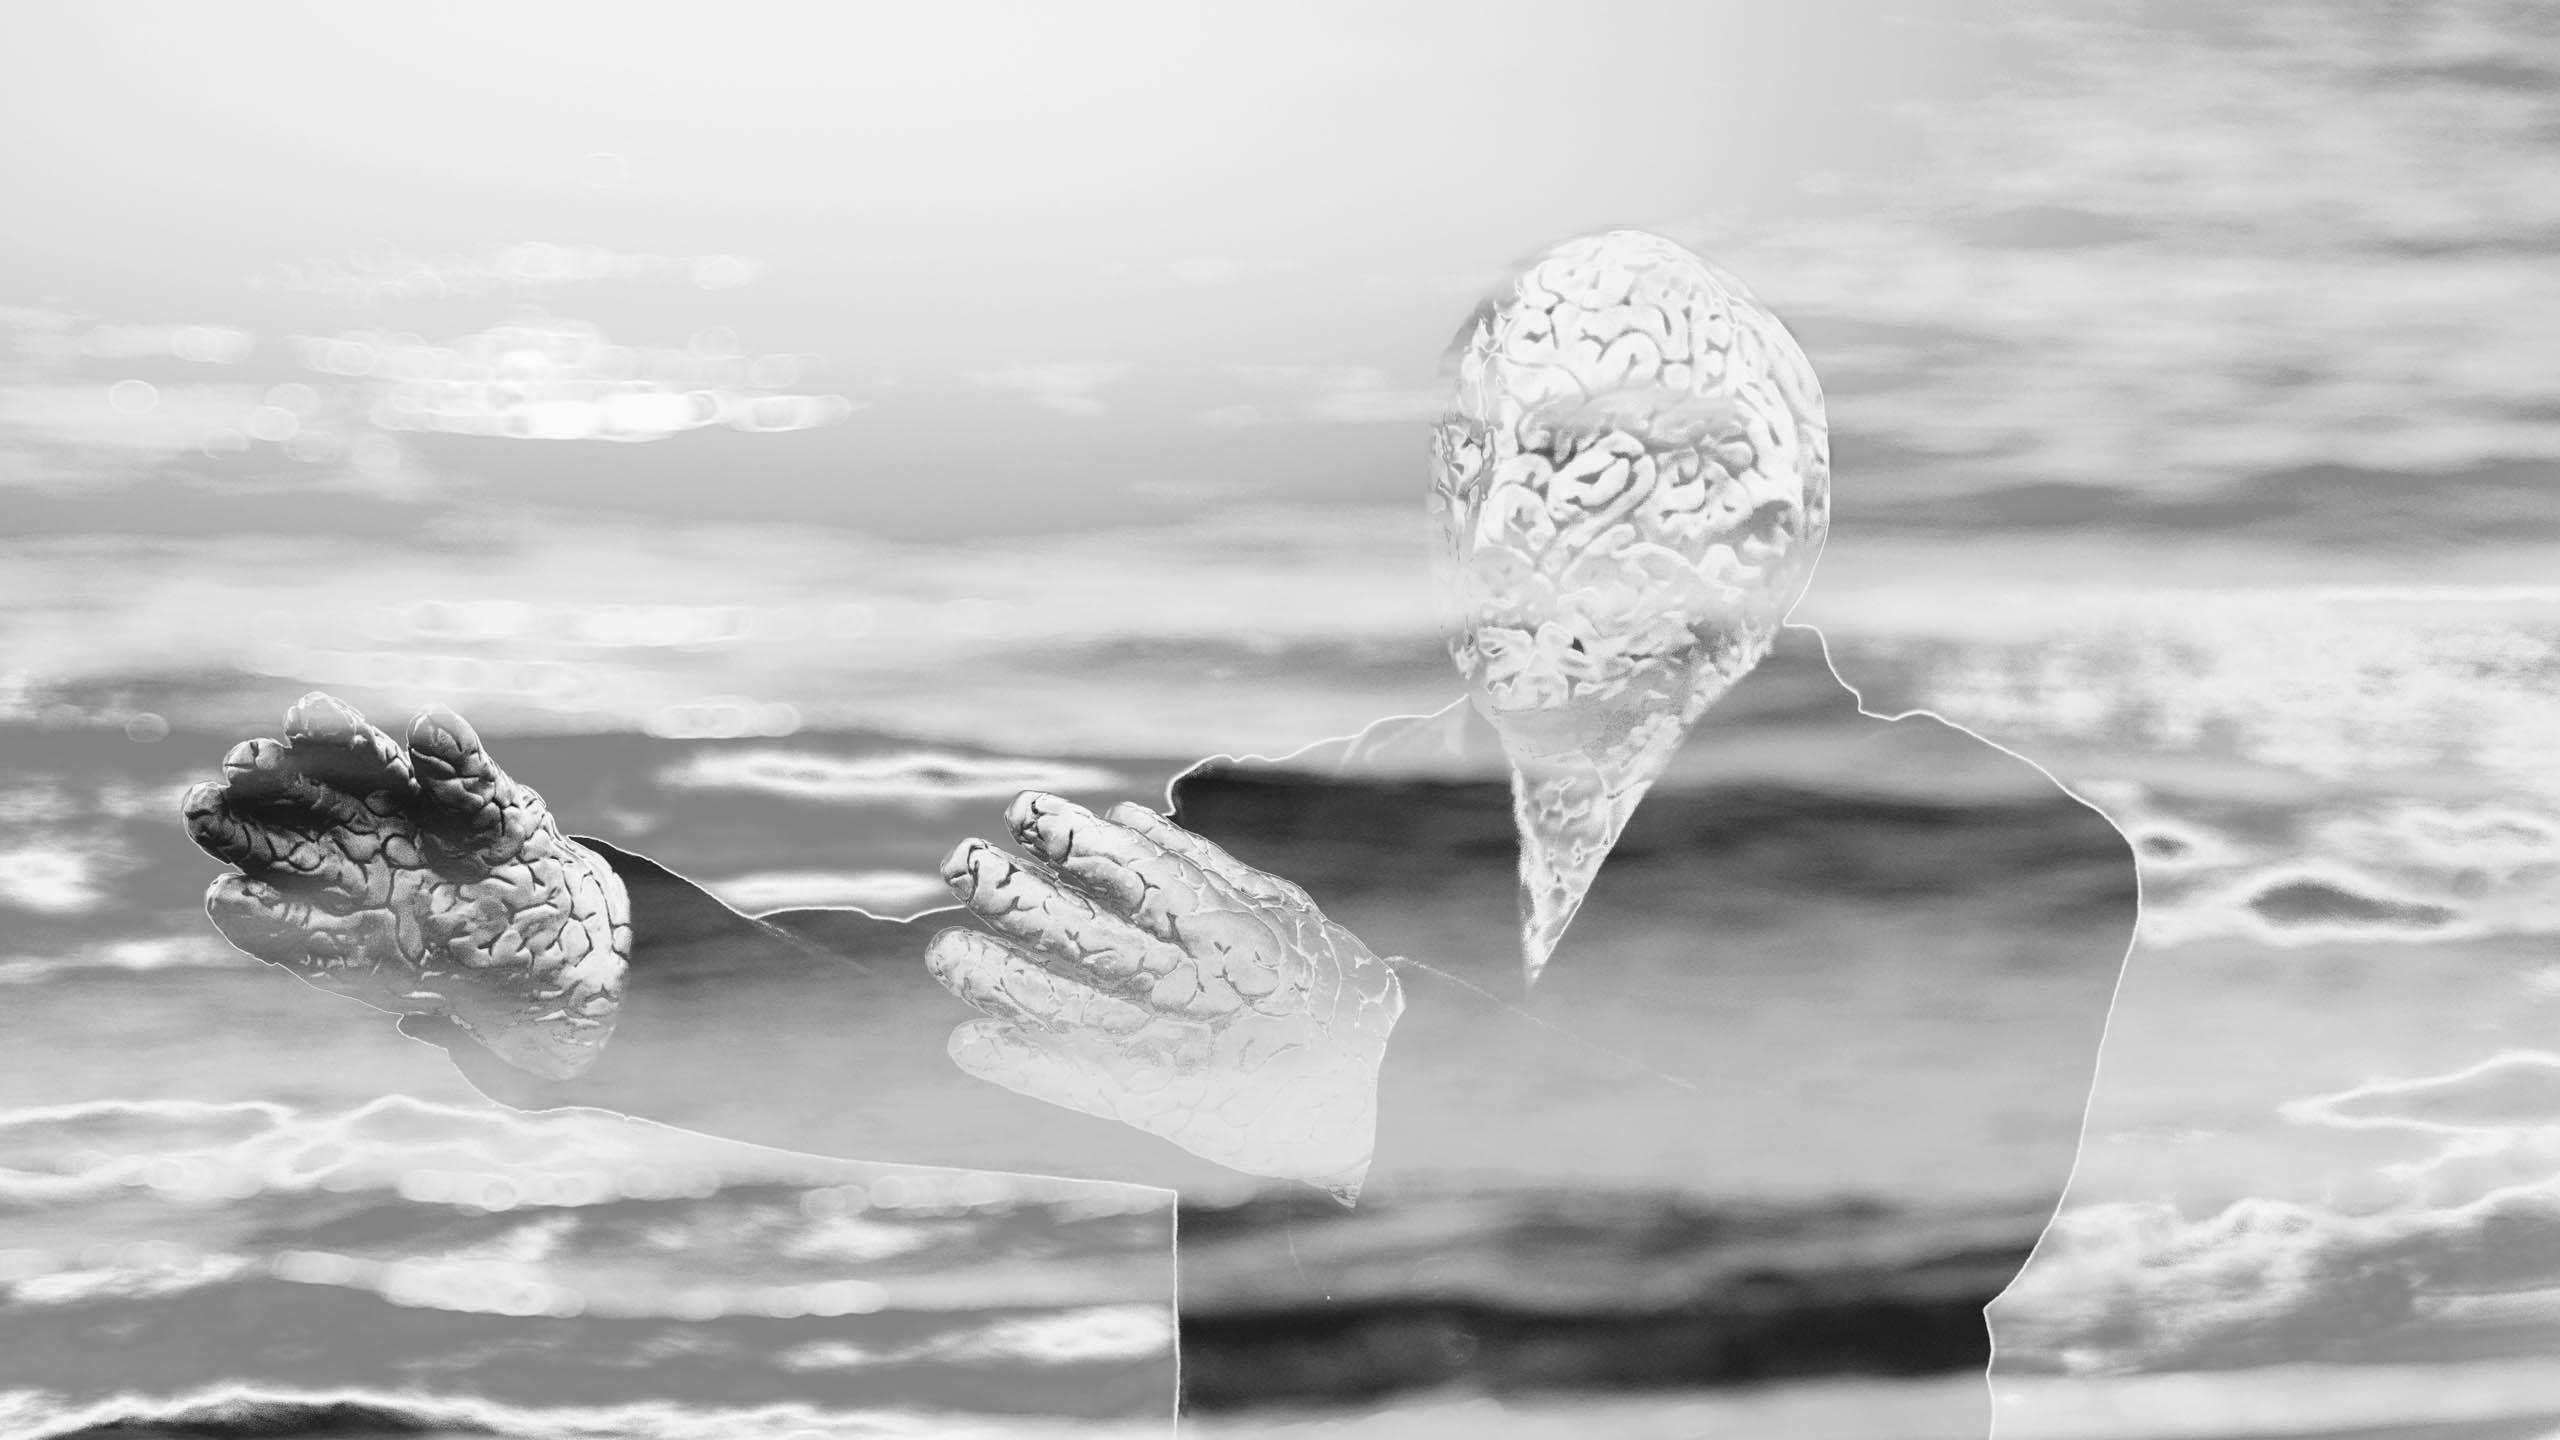 Supporto_tecnico_fotografico_all'artista_Antonino_Bove-Studio_B19